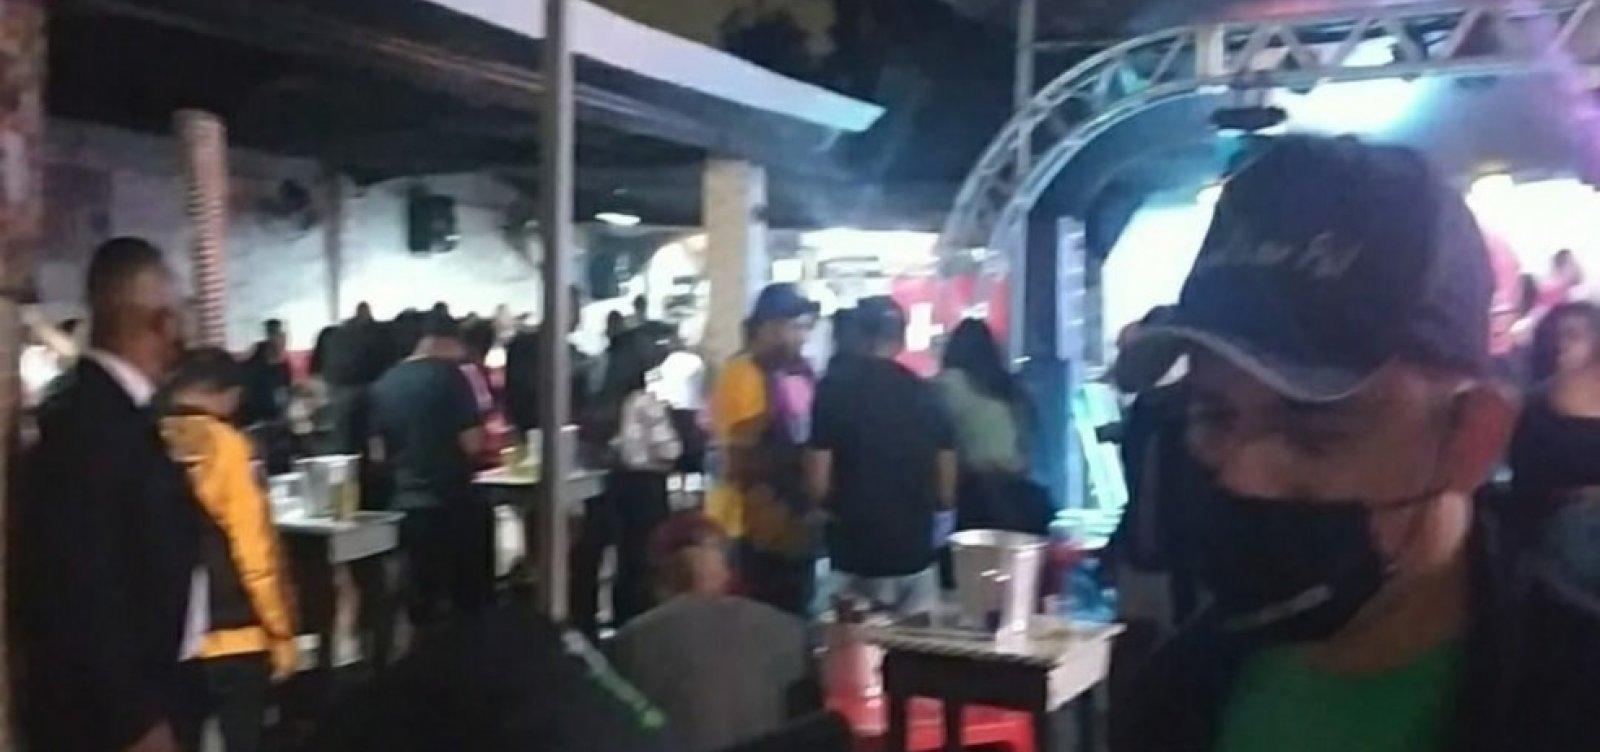 Feira de Santana: Fiscalização encerra festas e dispersa cerca de 300 pessoas